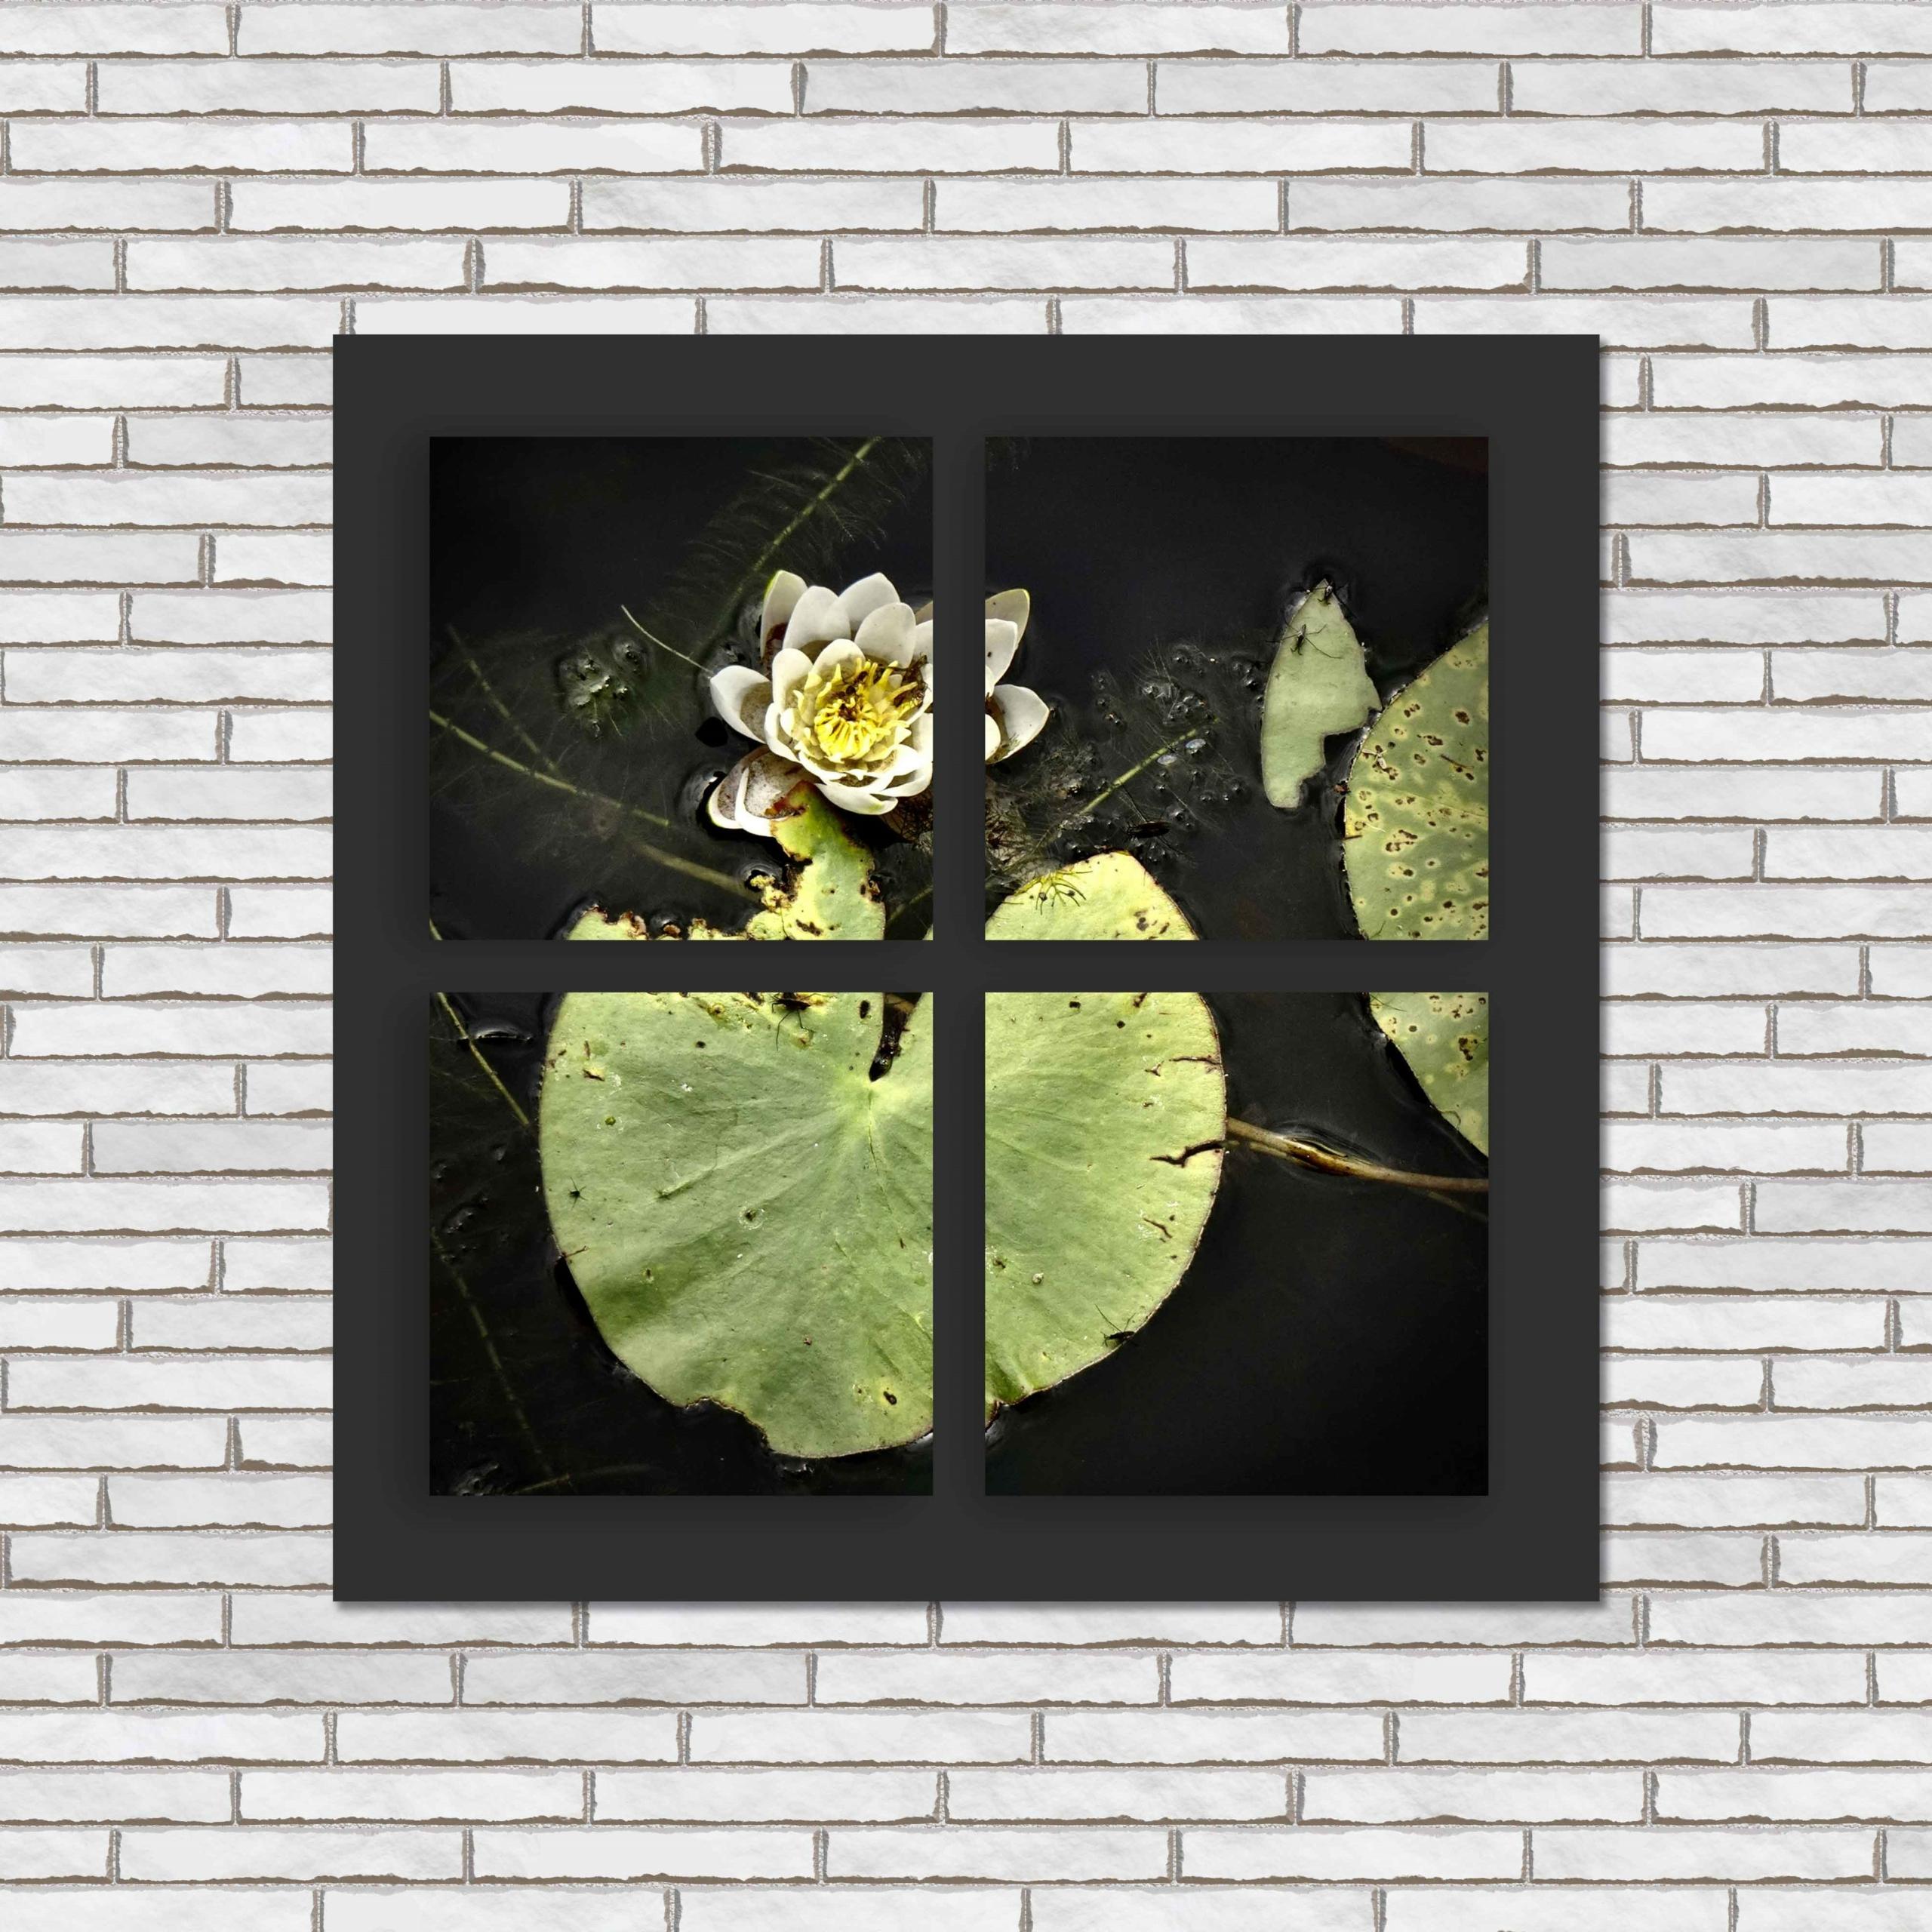 wall black 4 glaneur c 1 scaled